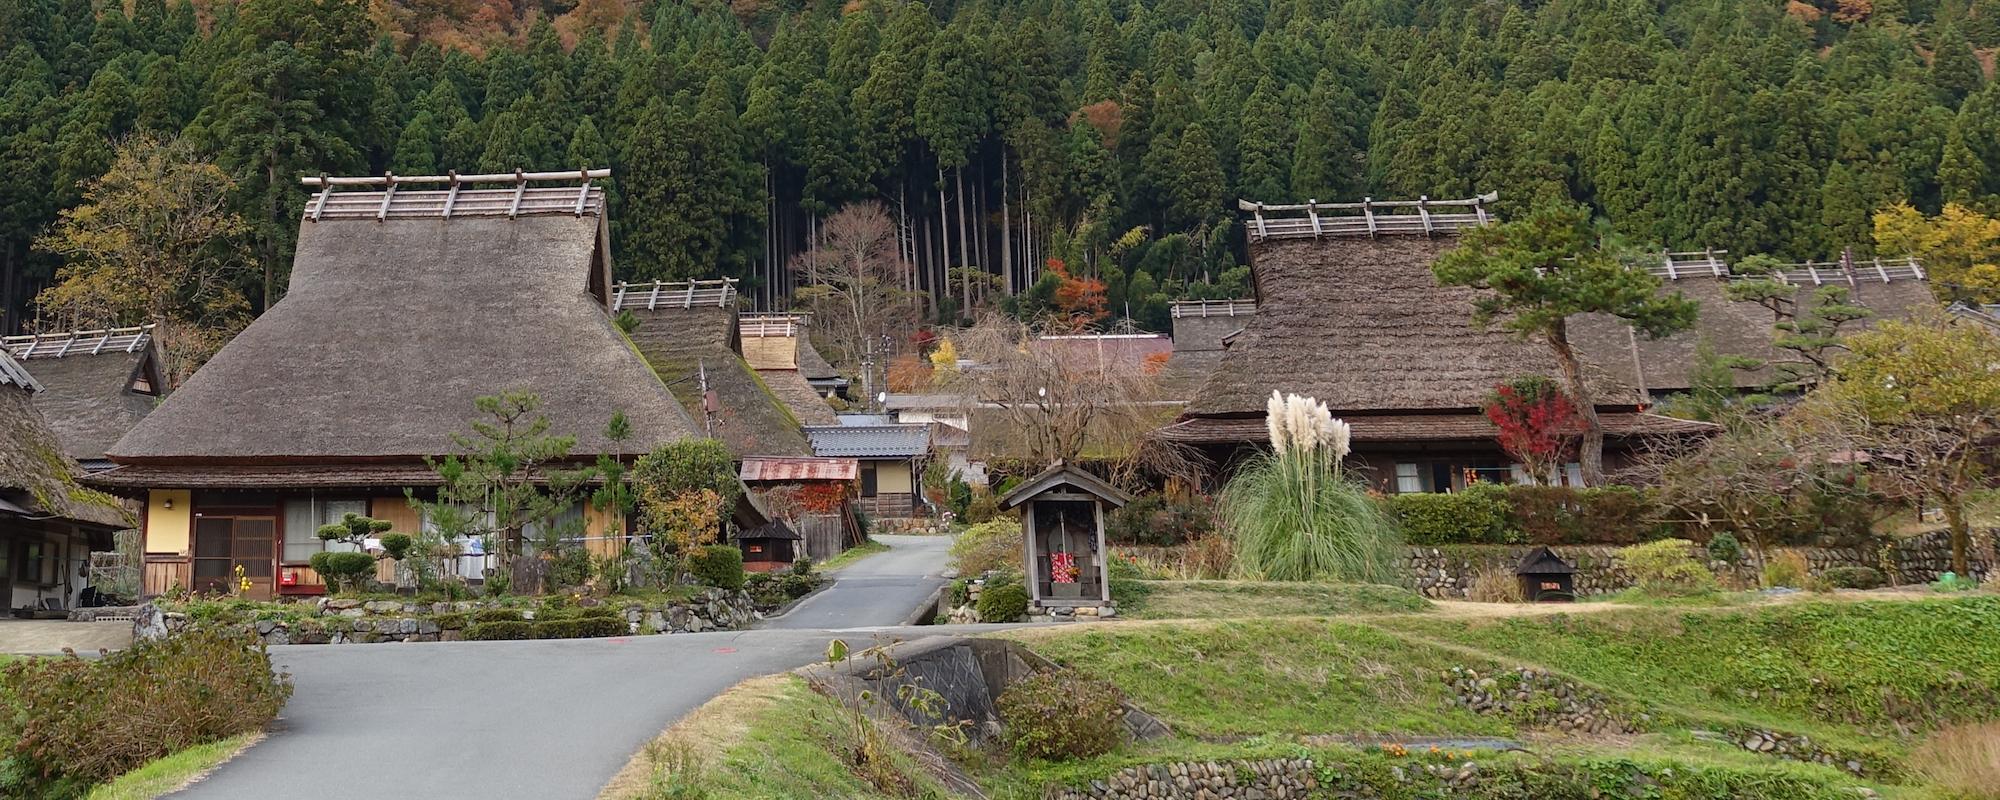 看茅屋不一定要到白川鄉,京都景點美山也有茅葺之里!